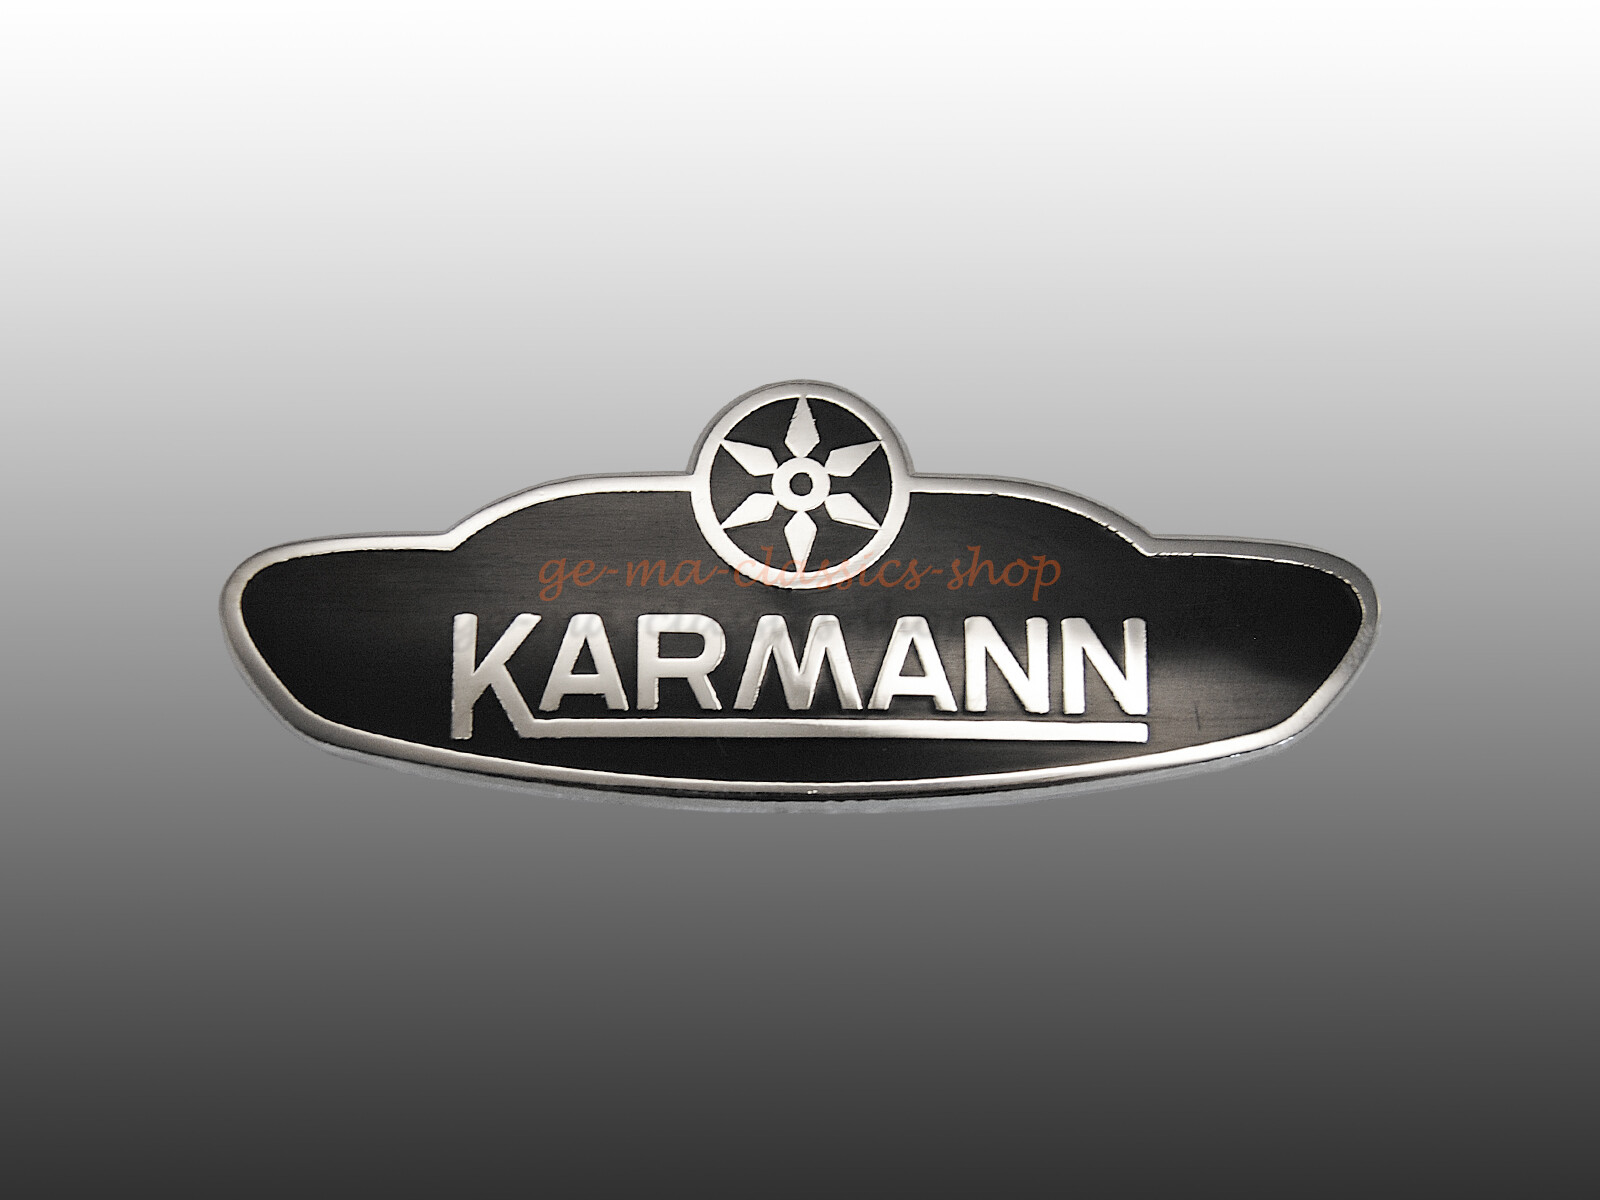 Emailleschild für VW Käfer-Cabrio Emblem Karmann ab 61